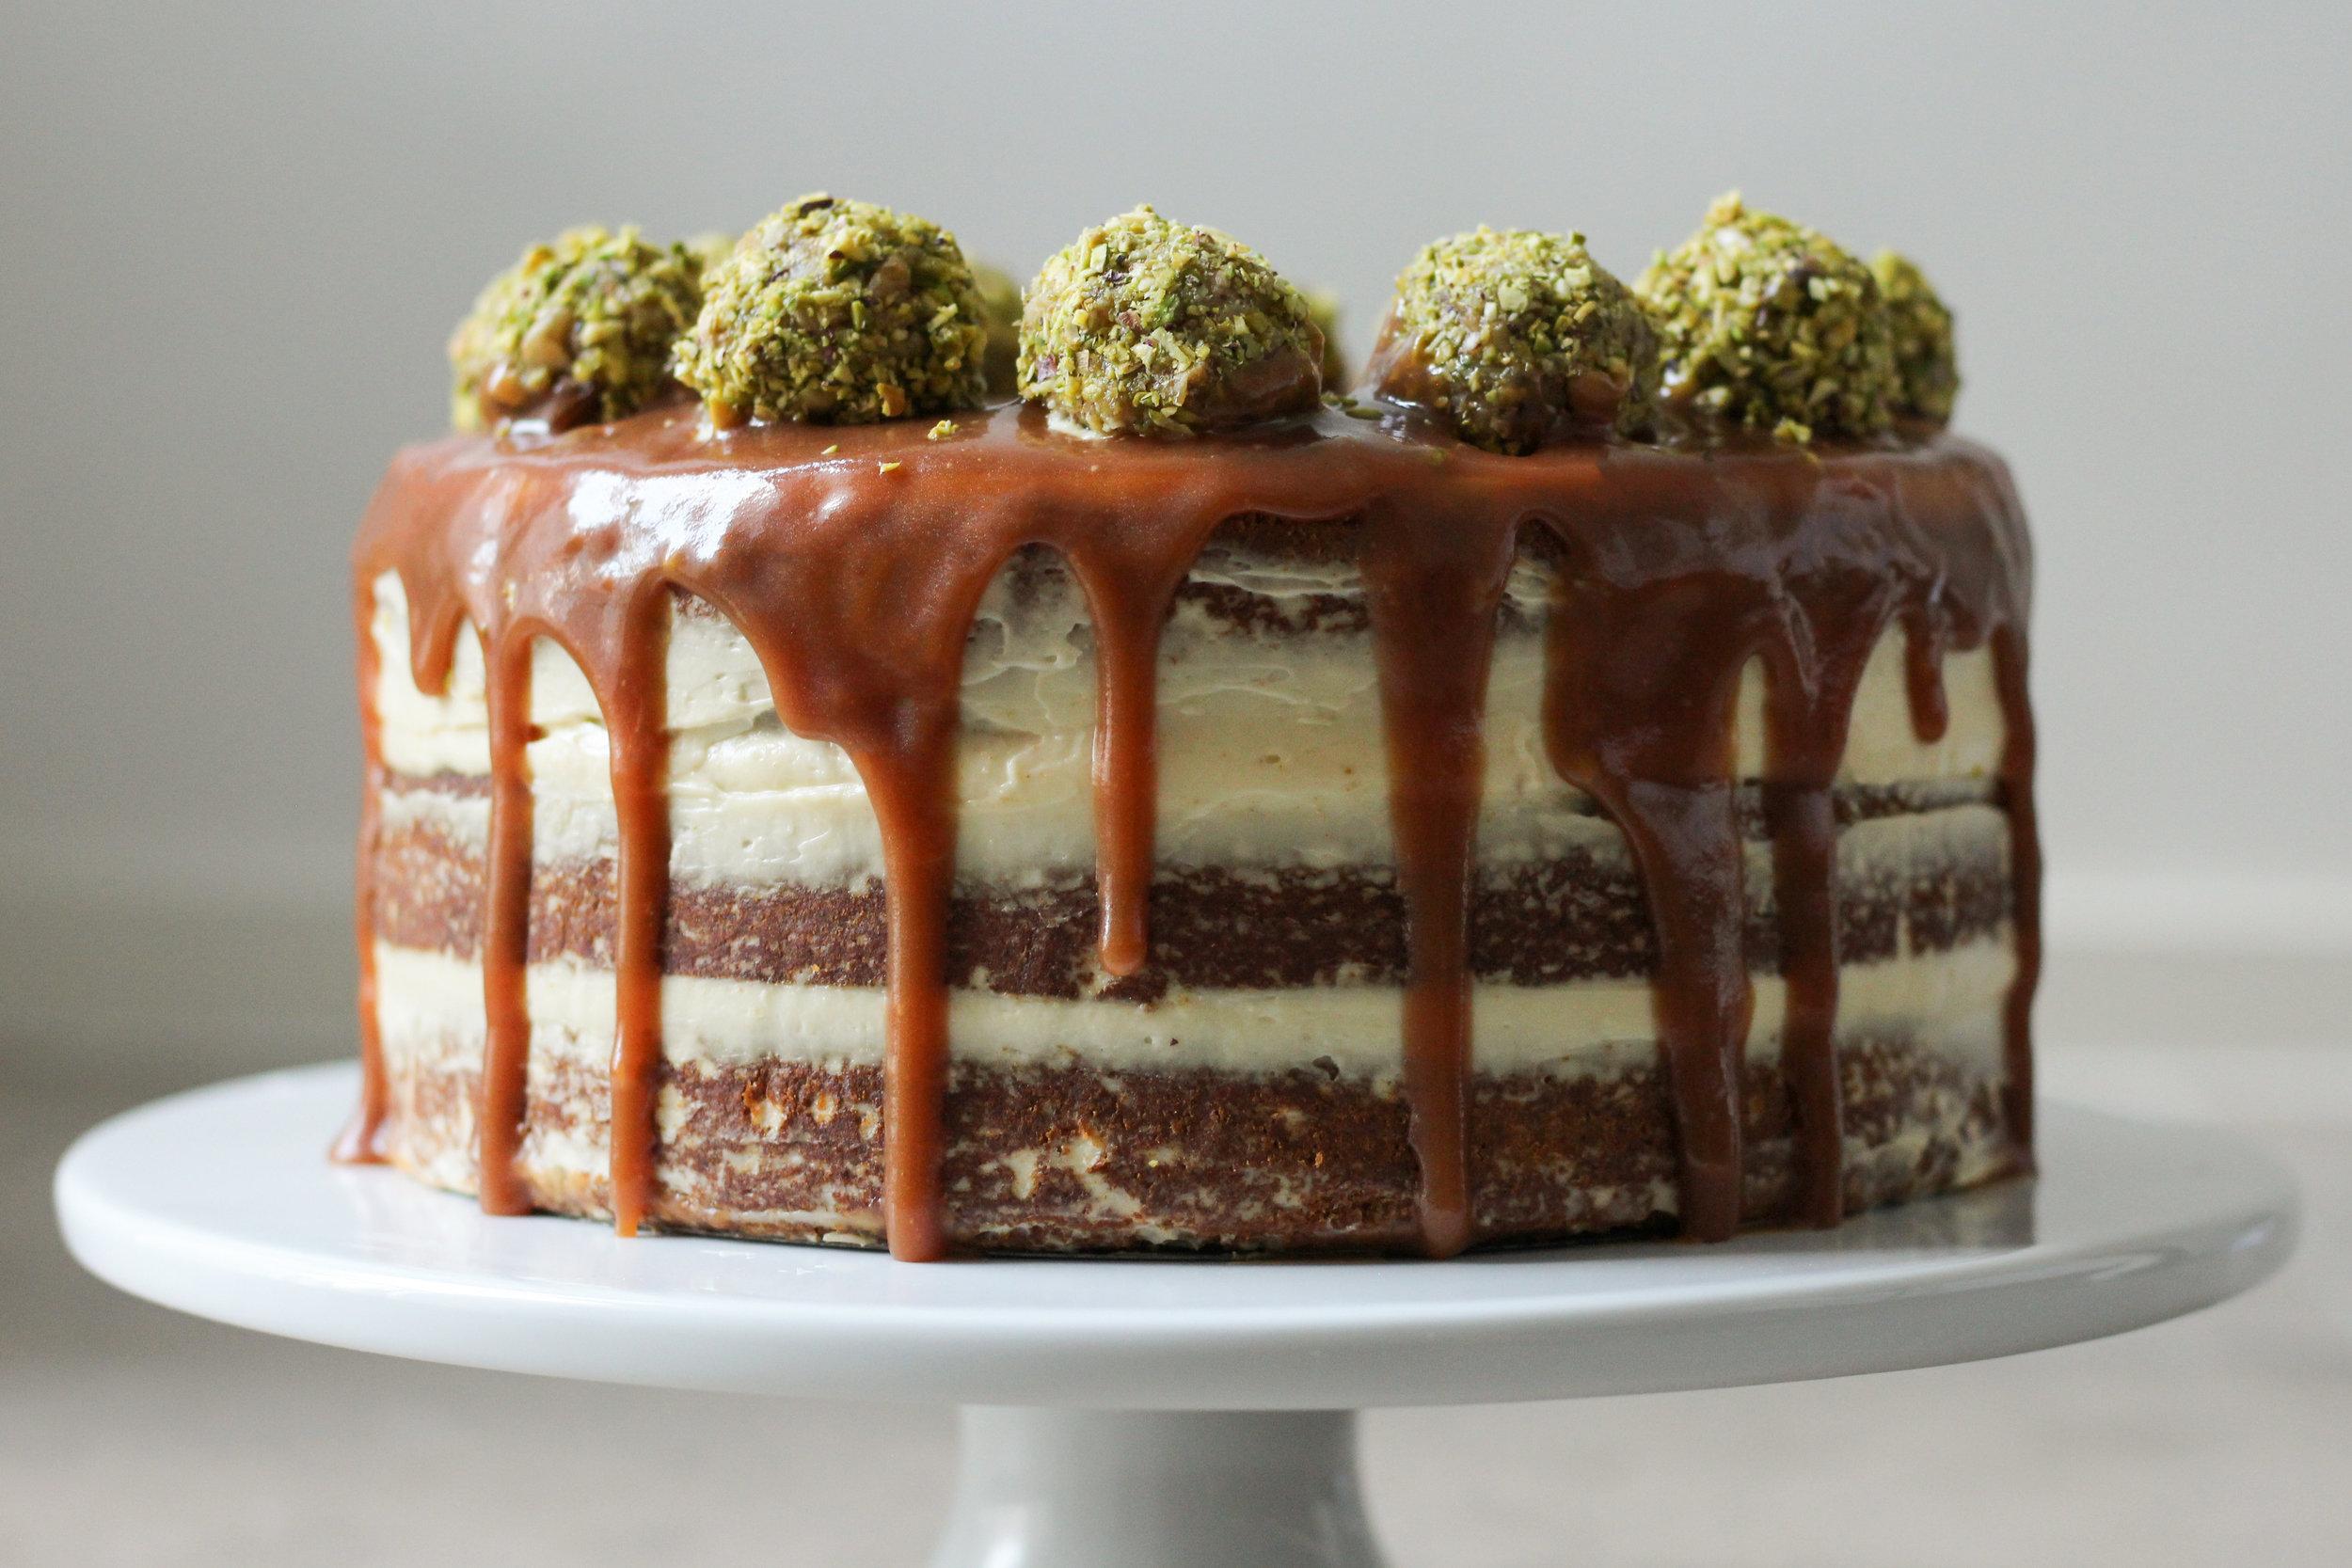 baklawa-filled cake